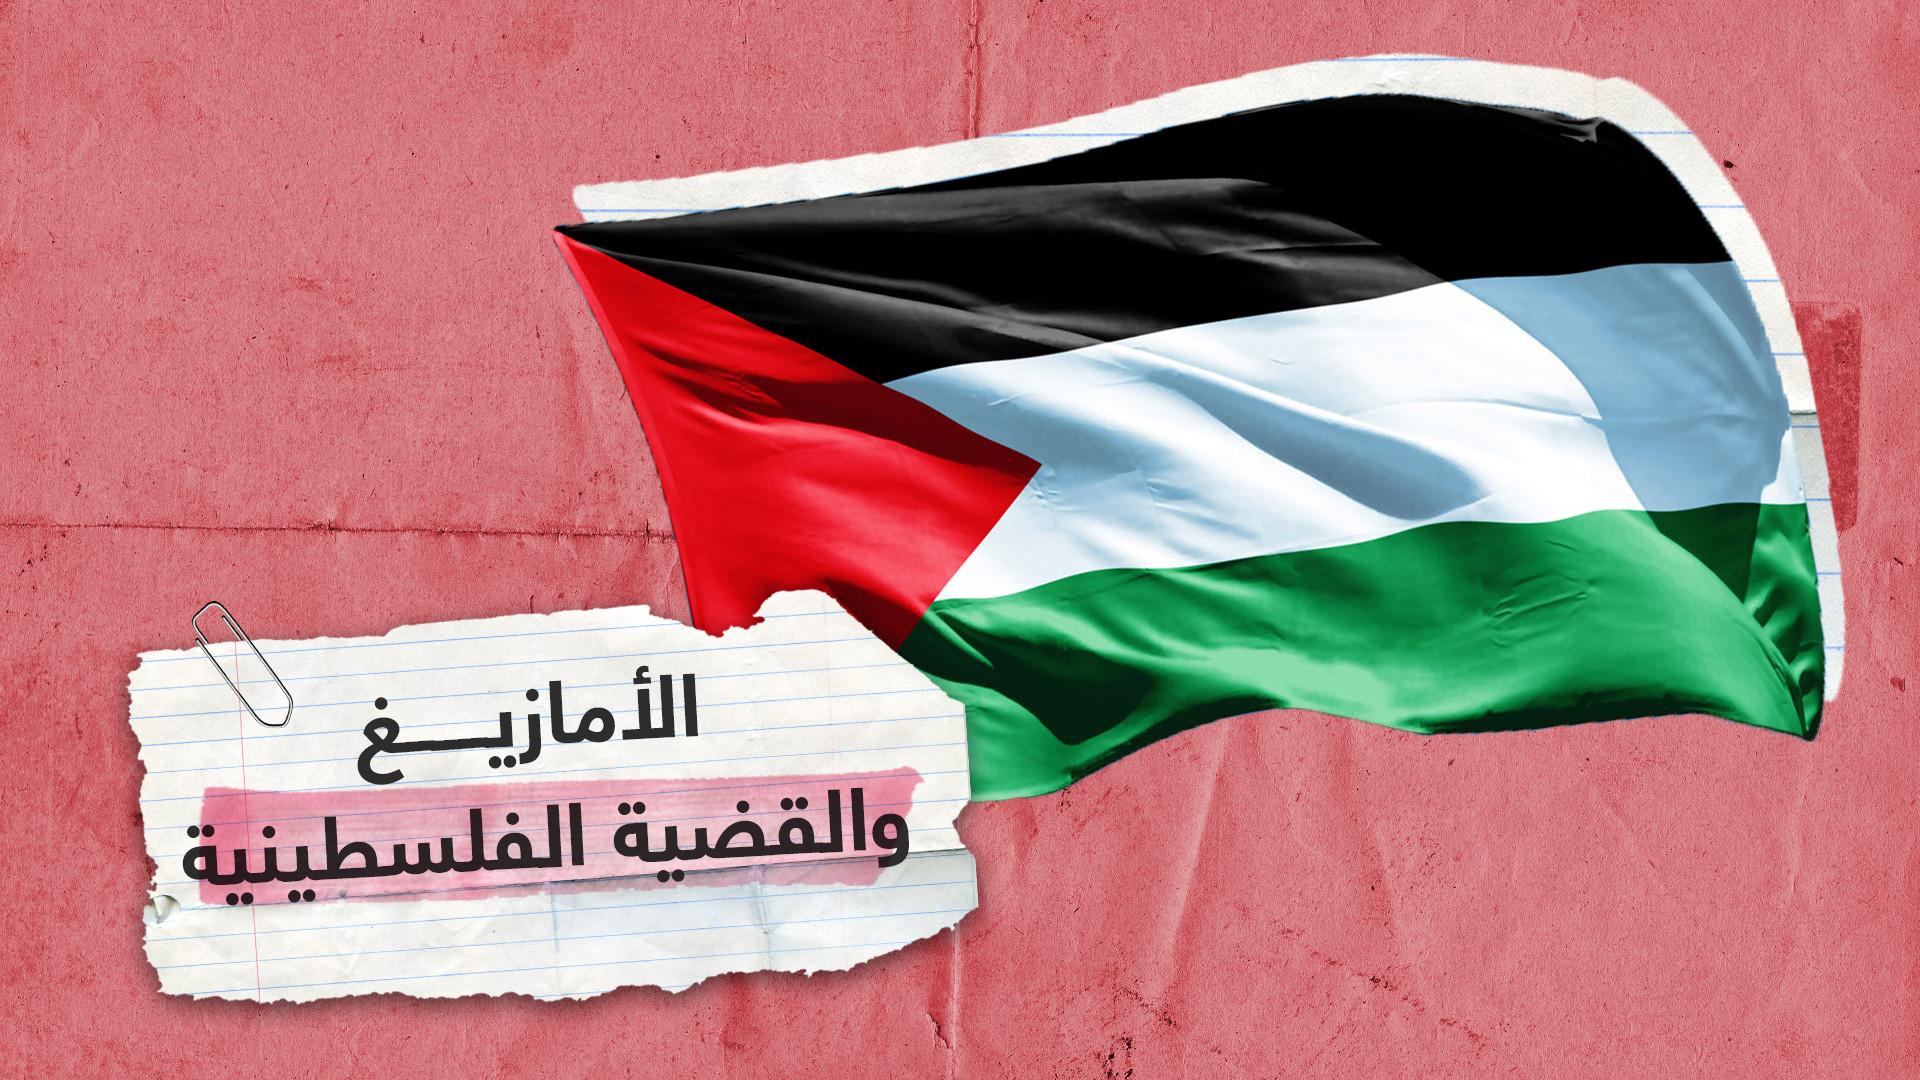 ناشط مغربي: دعمنا للقضية الفلسطينية ليس مرتبطا بالعروبة